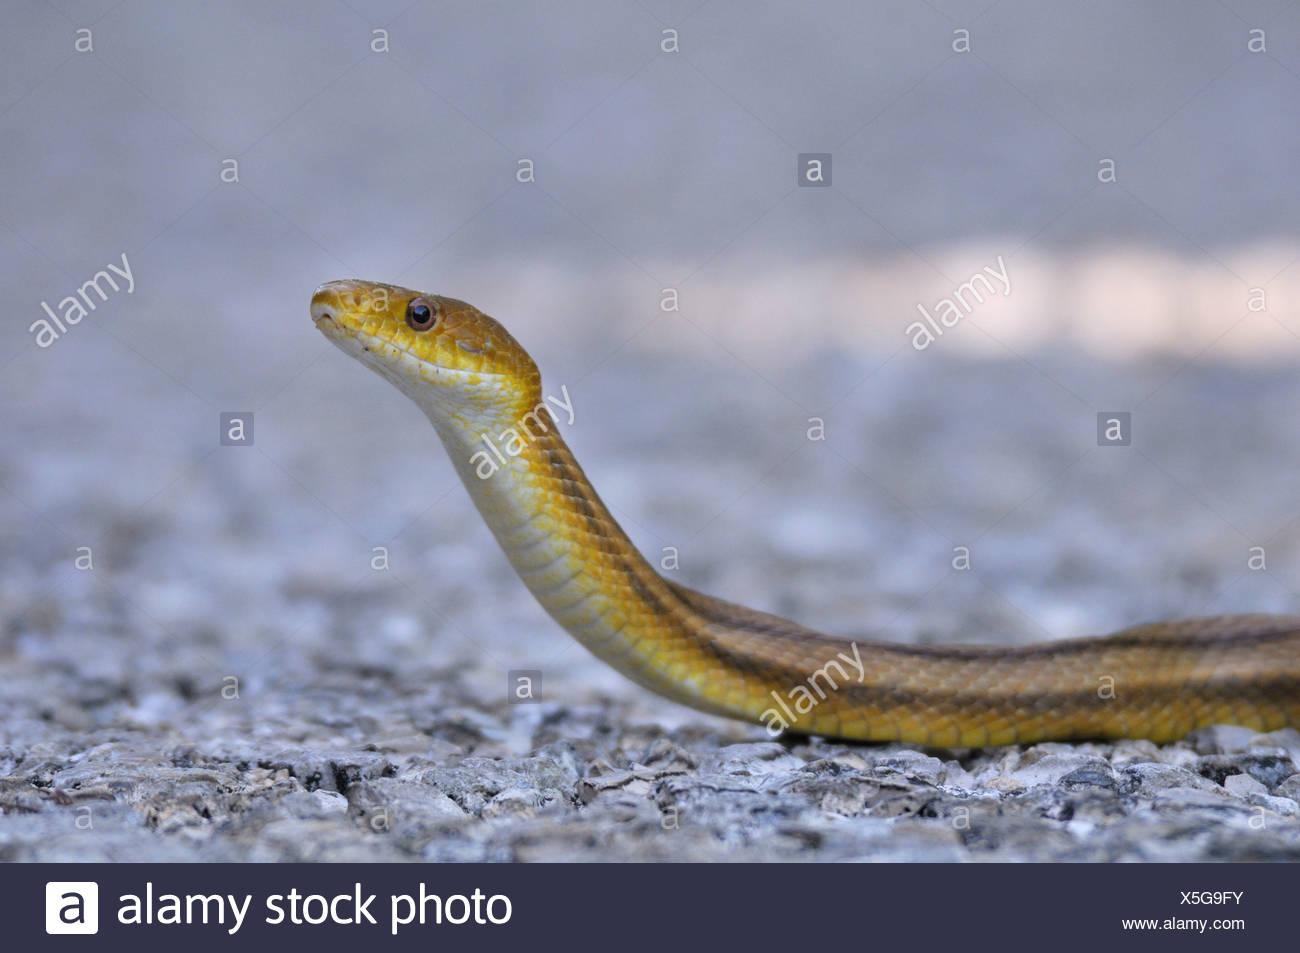 Yellow Ratsnake, snake, J. N. Ding Darling, National Wildlife Refuge, - Stock Image